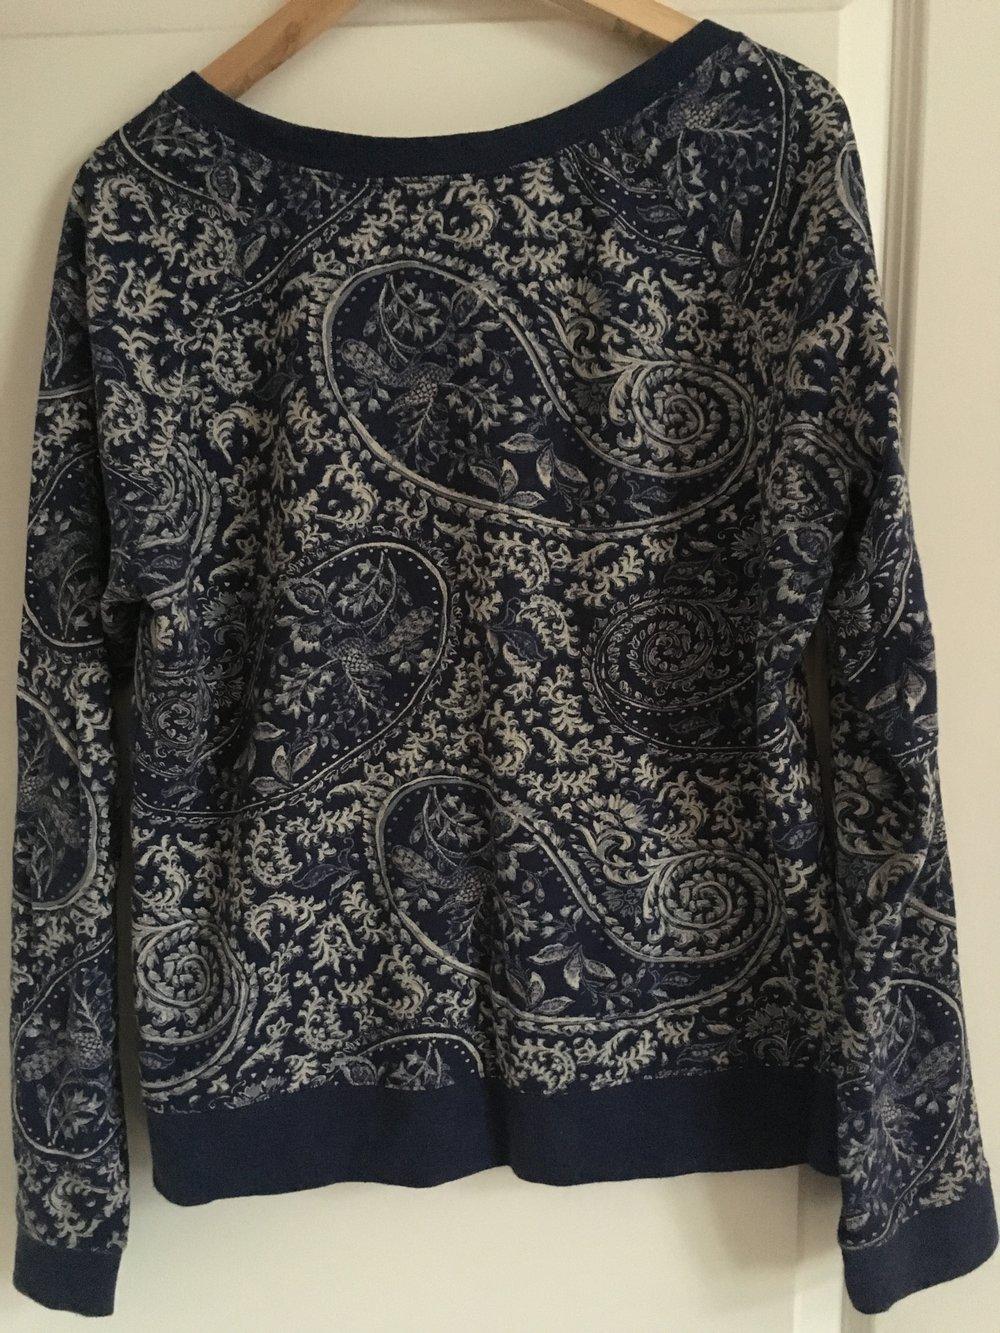 pullover sweatshirt h m l o g g gr l. Black Bedroom Furniture Sets. Home Design Ideas